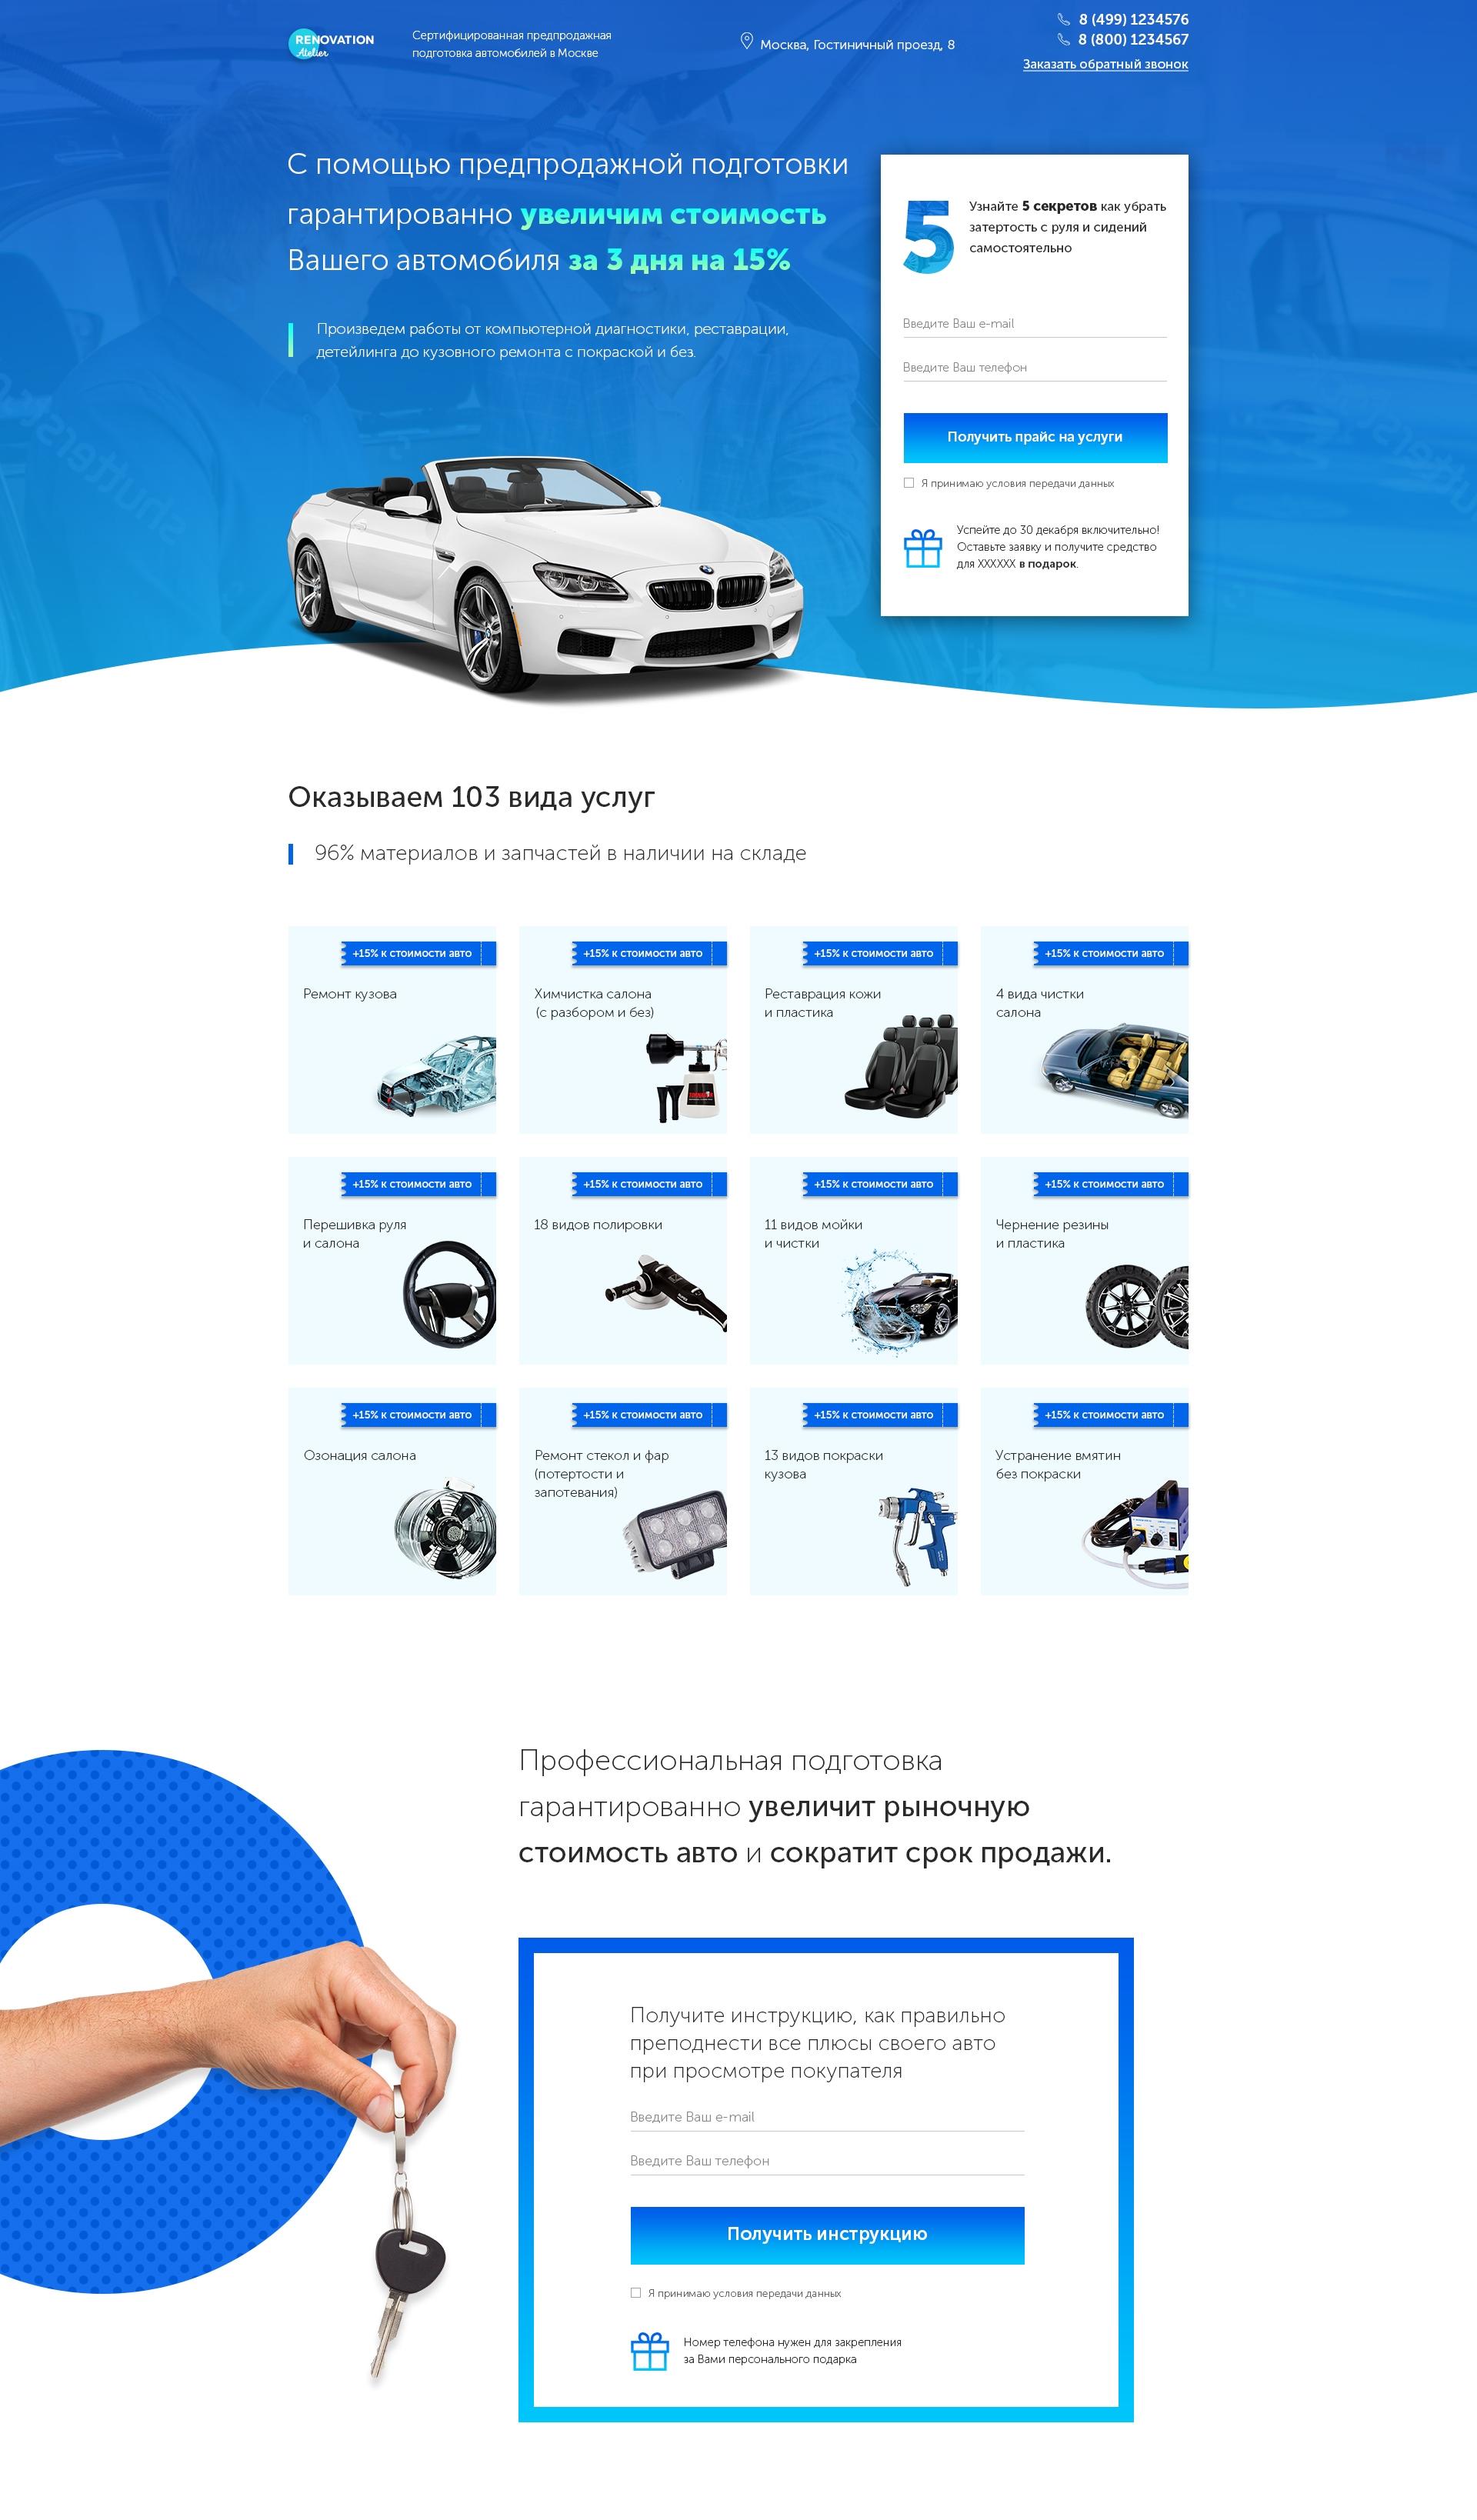 Предпродажные подготовка автомобиля